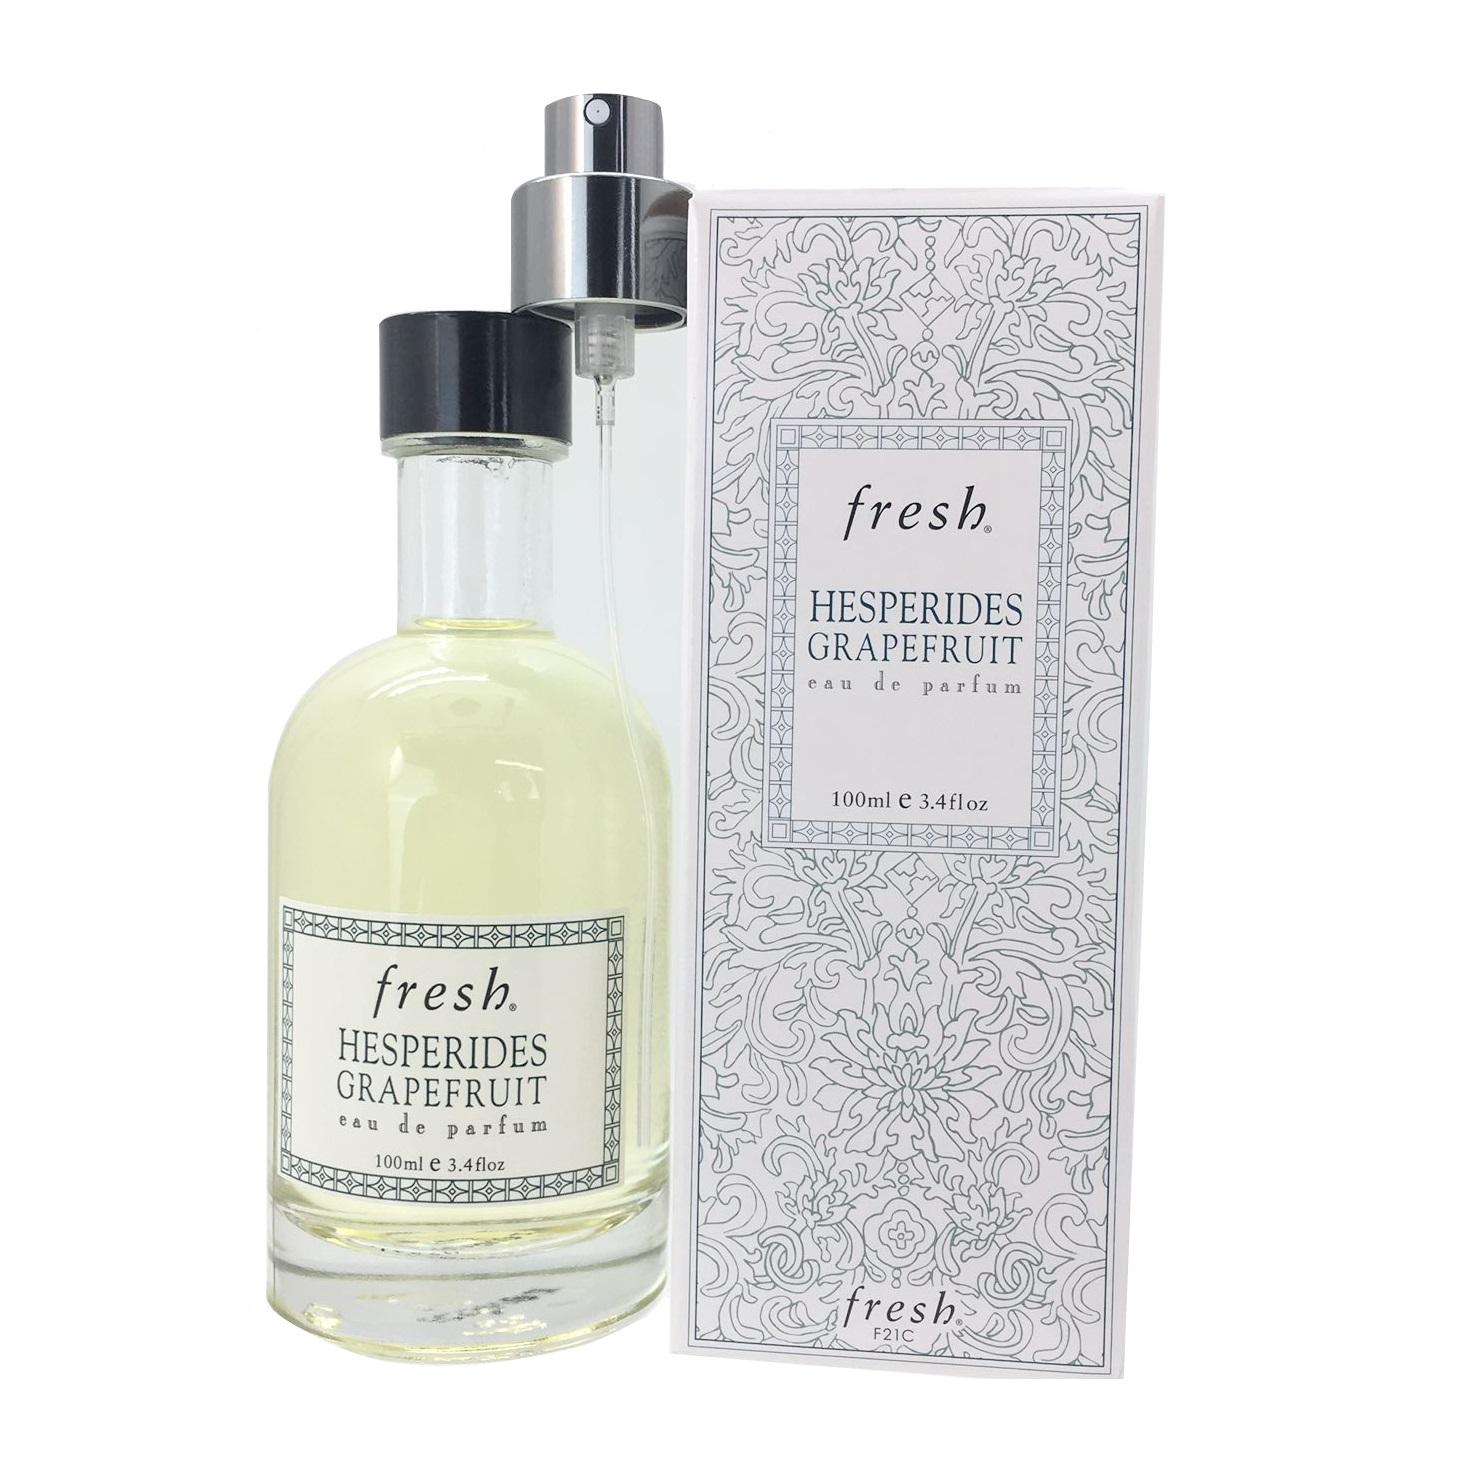 عطر Fresh Hesperides Grapefruit Eau de Parfum